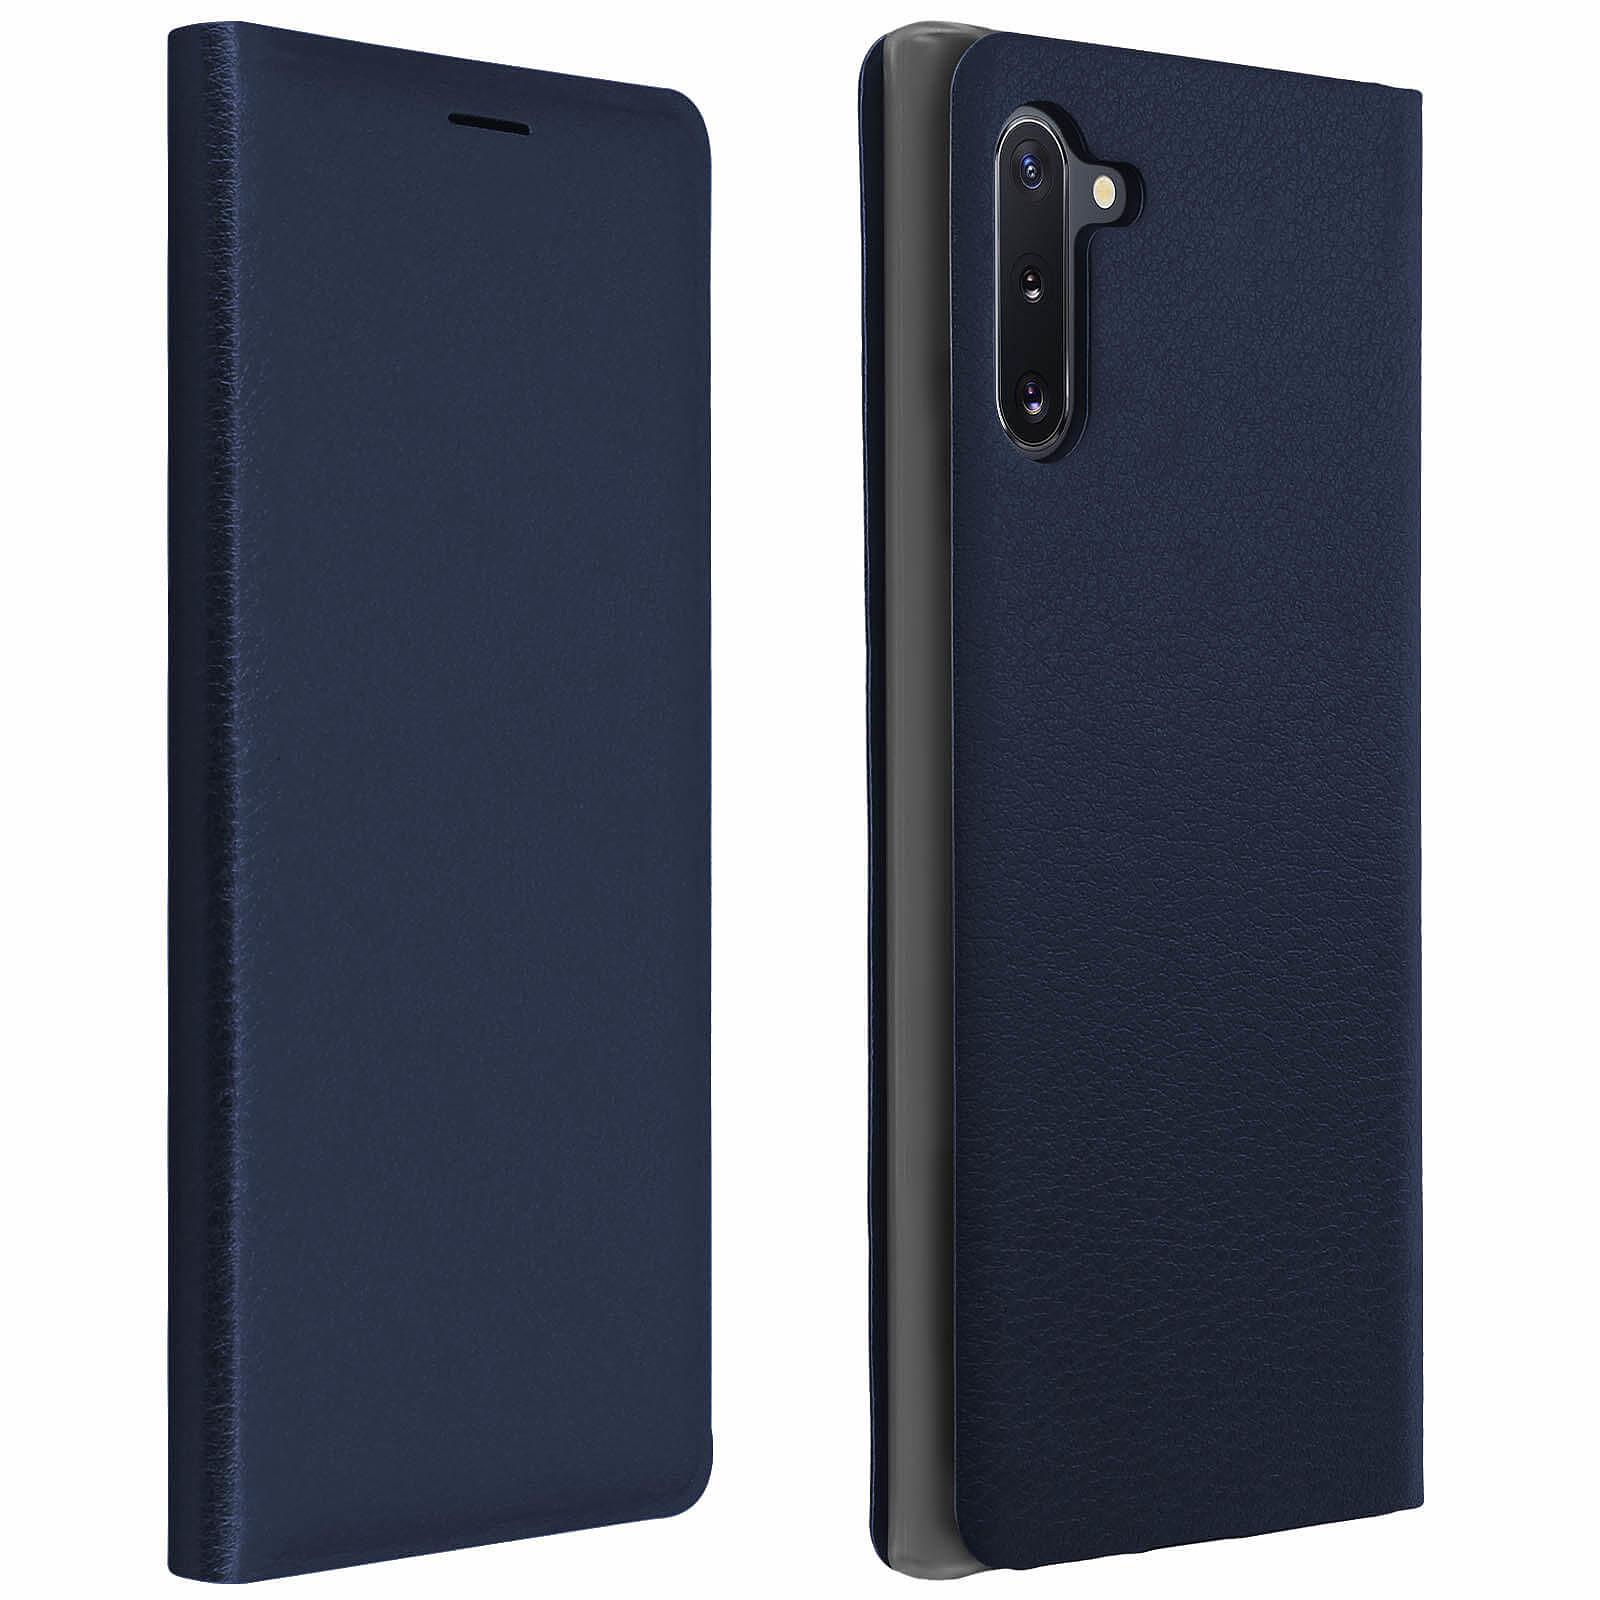 Avizar Etui folio Bleu Nuit Porte-Carte pour Samsung Galaxy Note 10